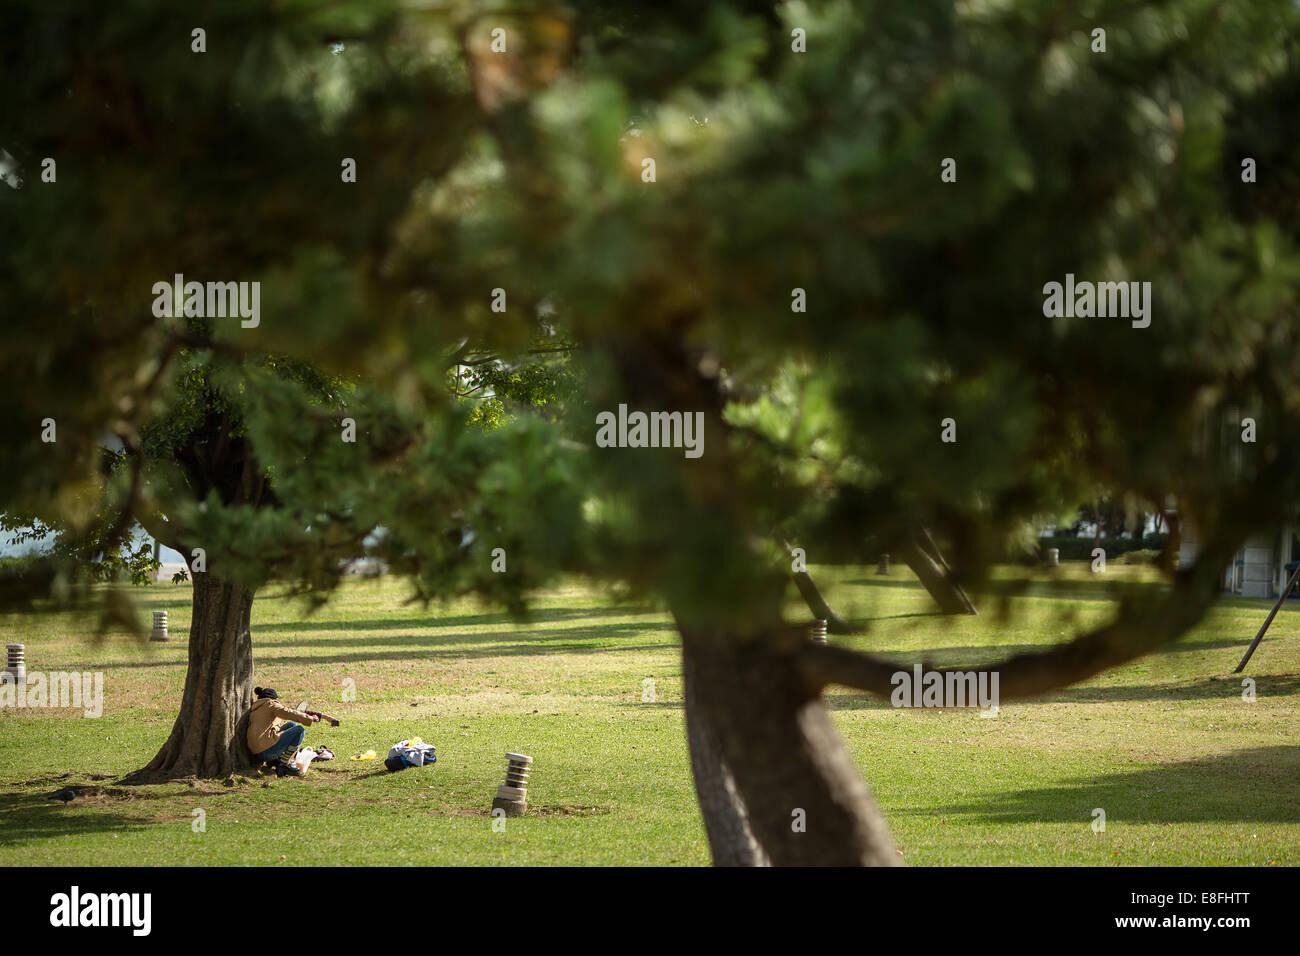 Japan, Kanagawa, Yokohama, Nishi ward, Picnic in park Stock Photo